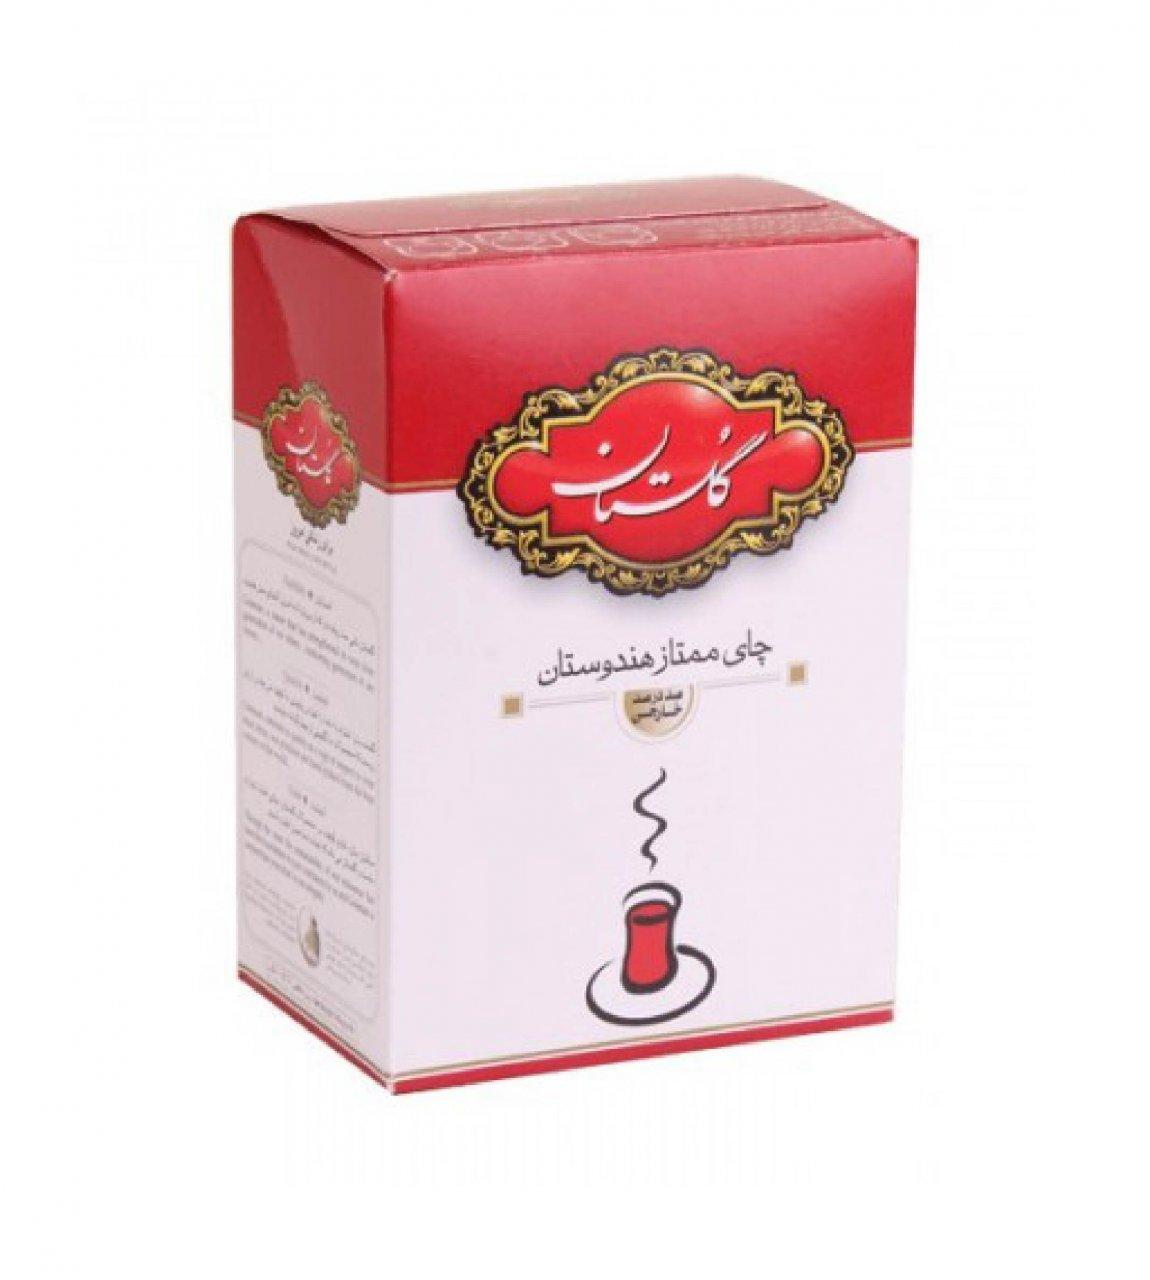 چای سیاه ممتاز هندوستان گلستان 500 گرمی